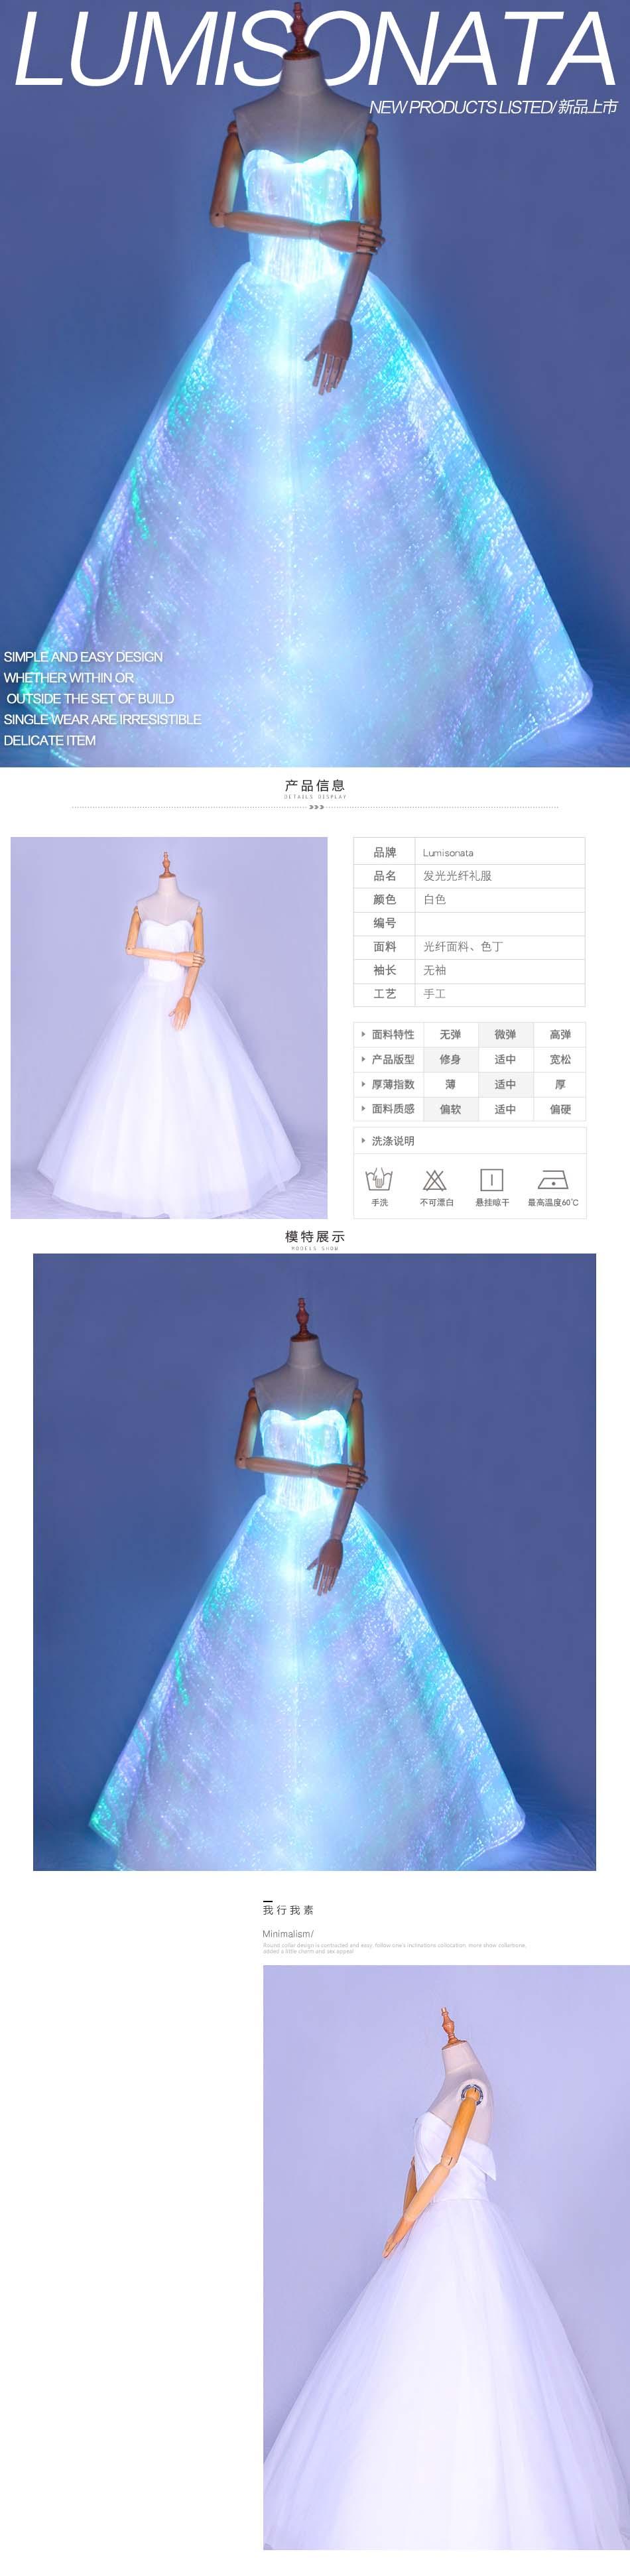 光纤发光礼服婚纱